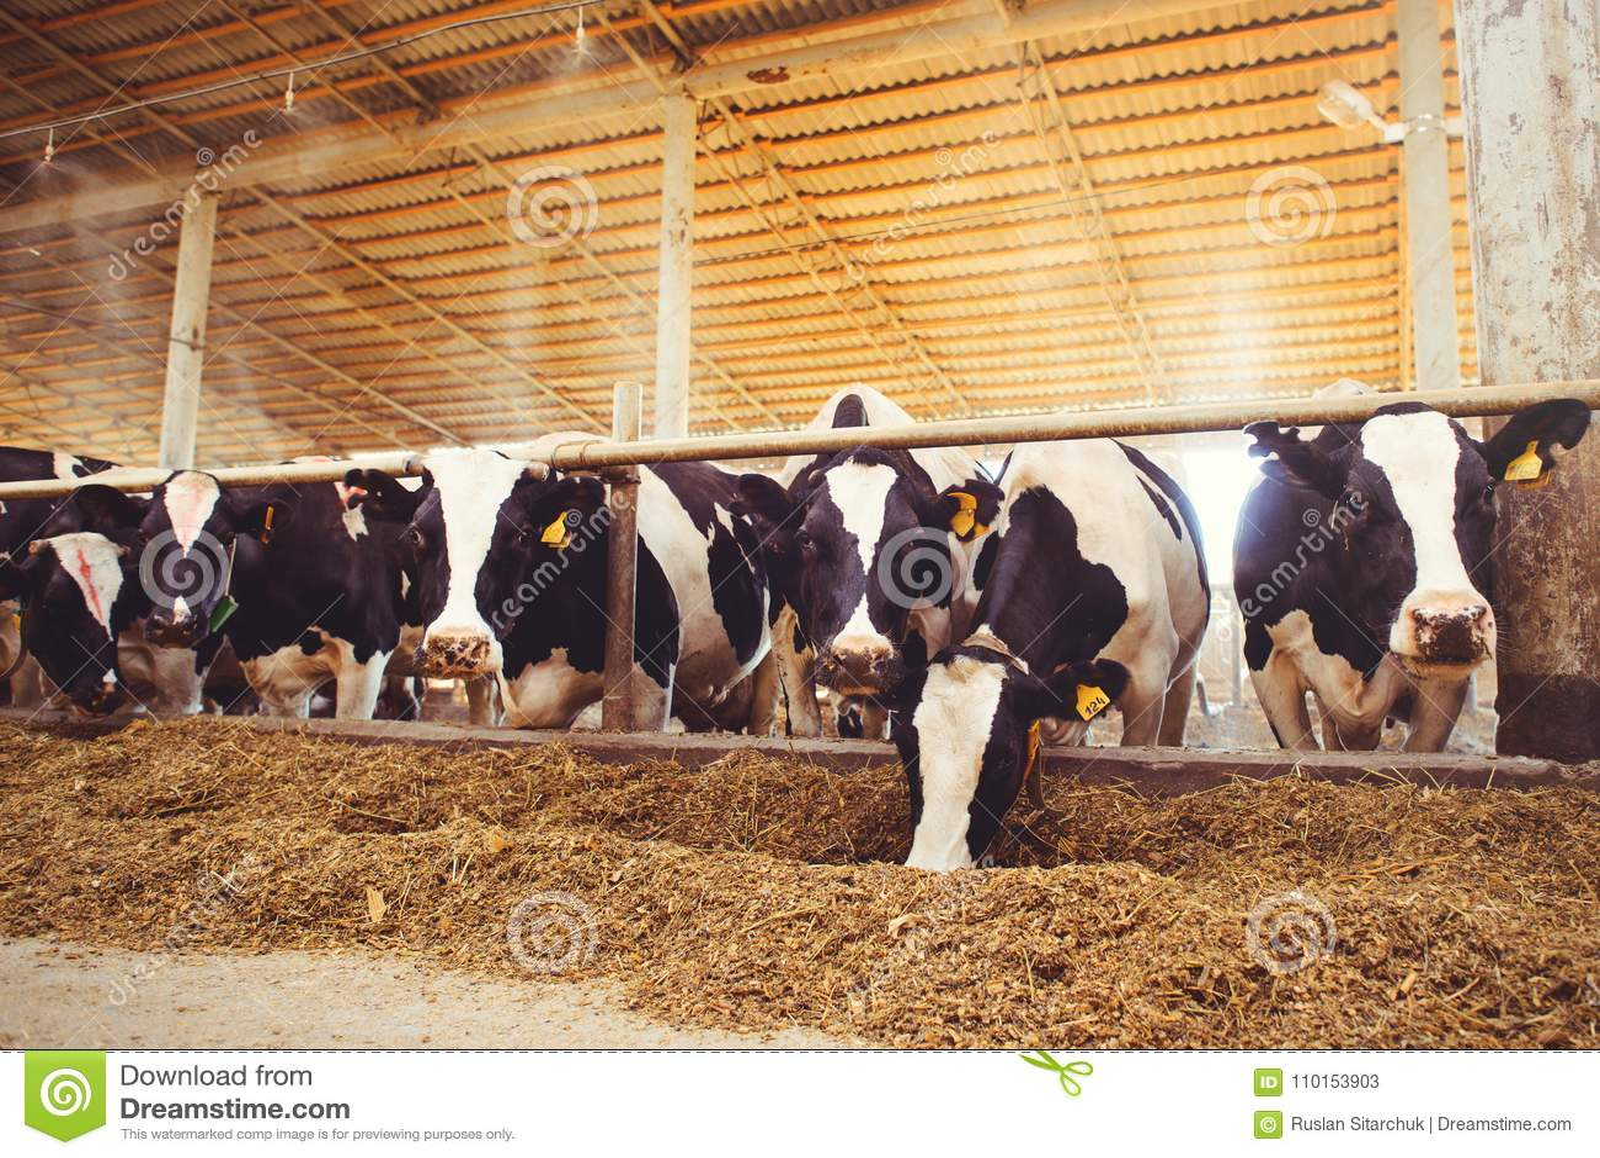 Устрашайте концепцию фермы земледелия, земледелие и поголовье - табун коров которые используют сено в амбаре на молочной ферме